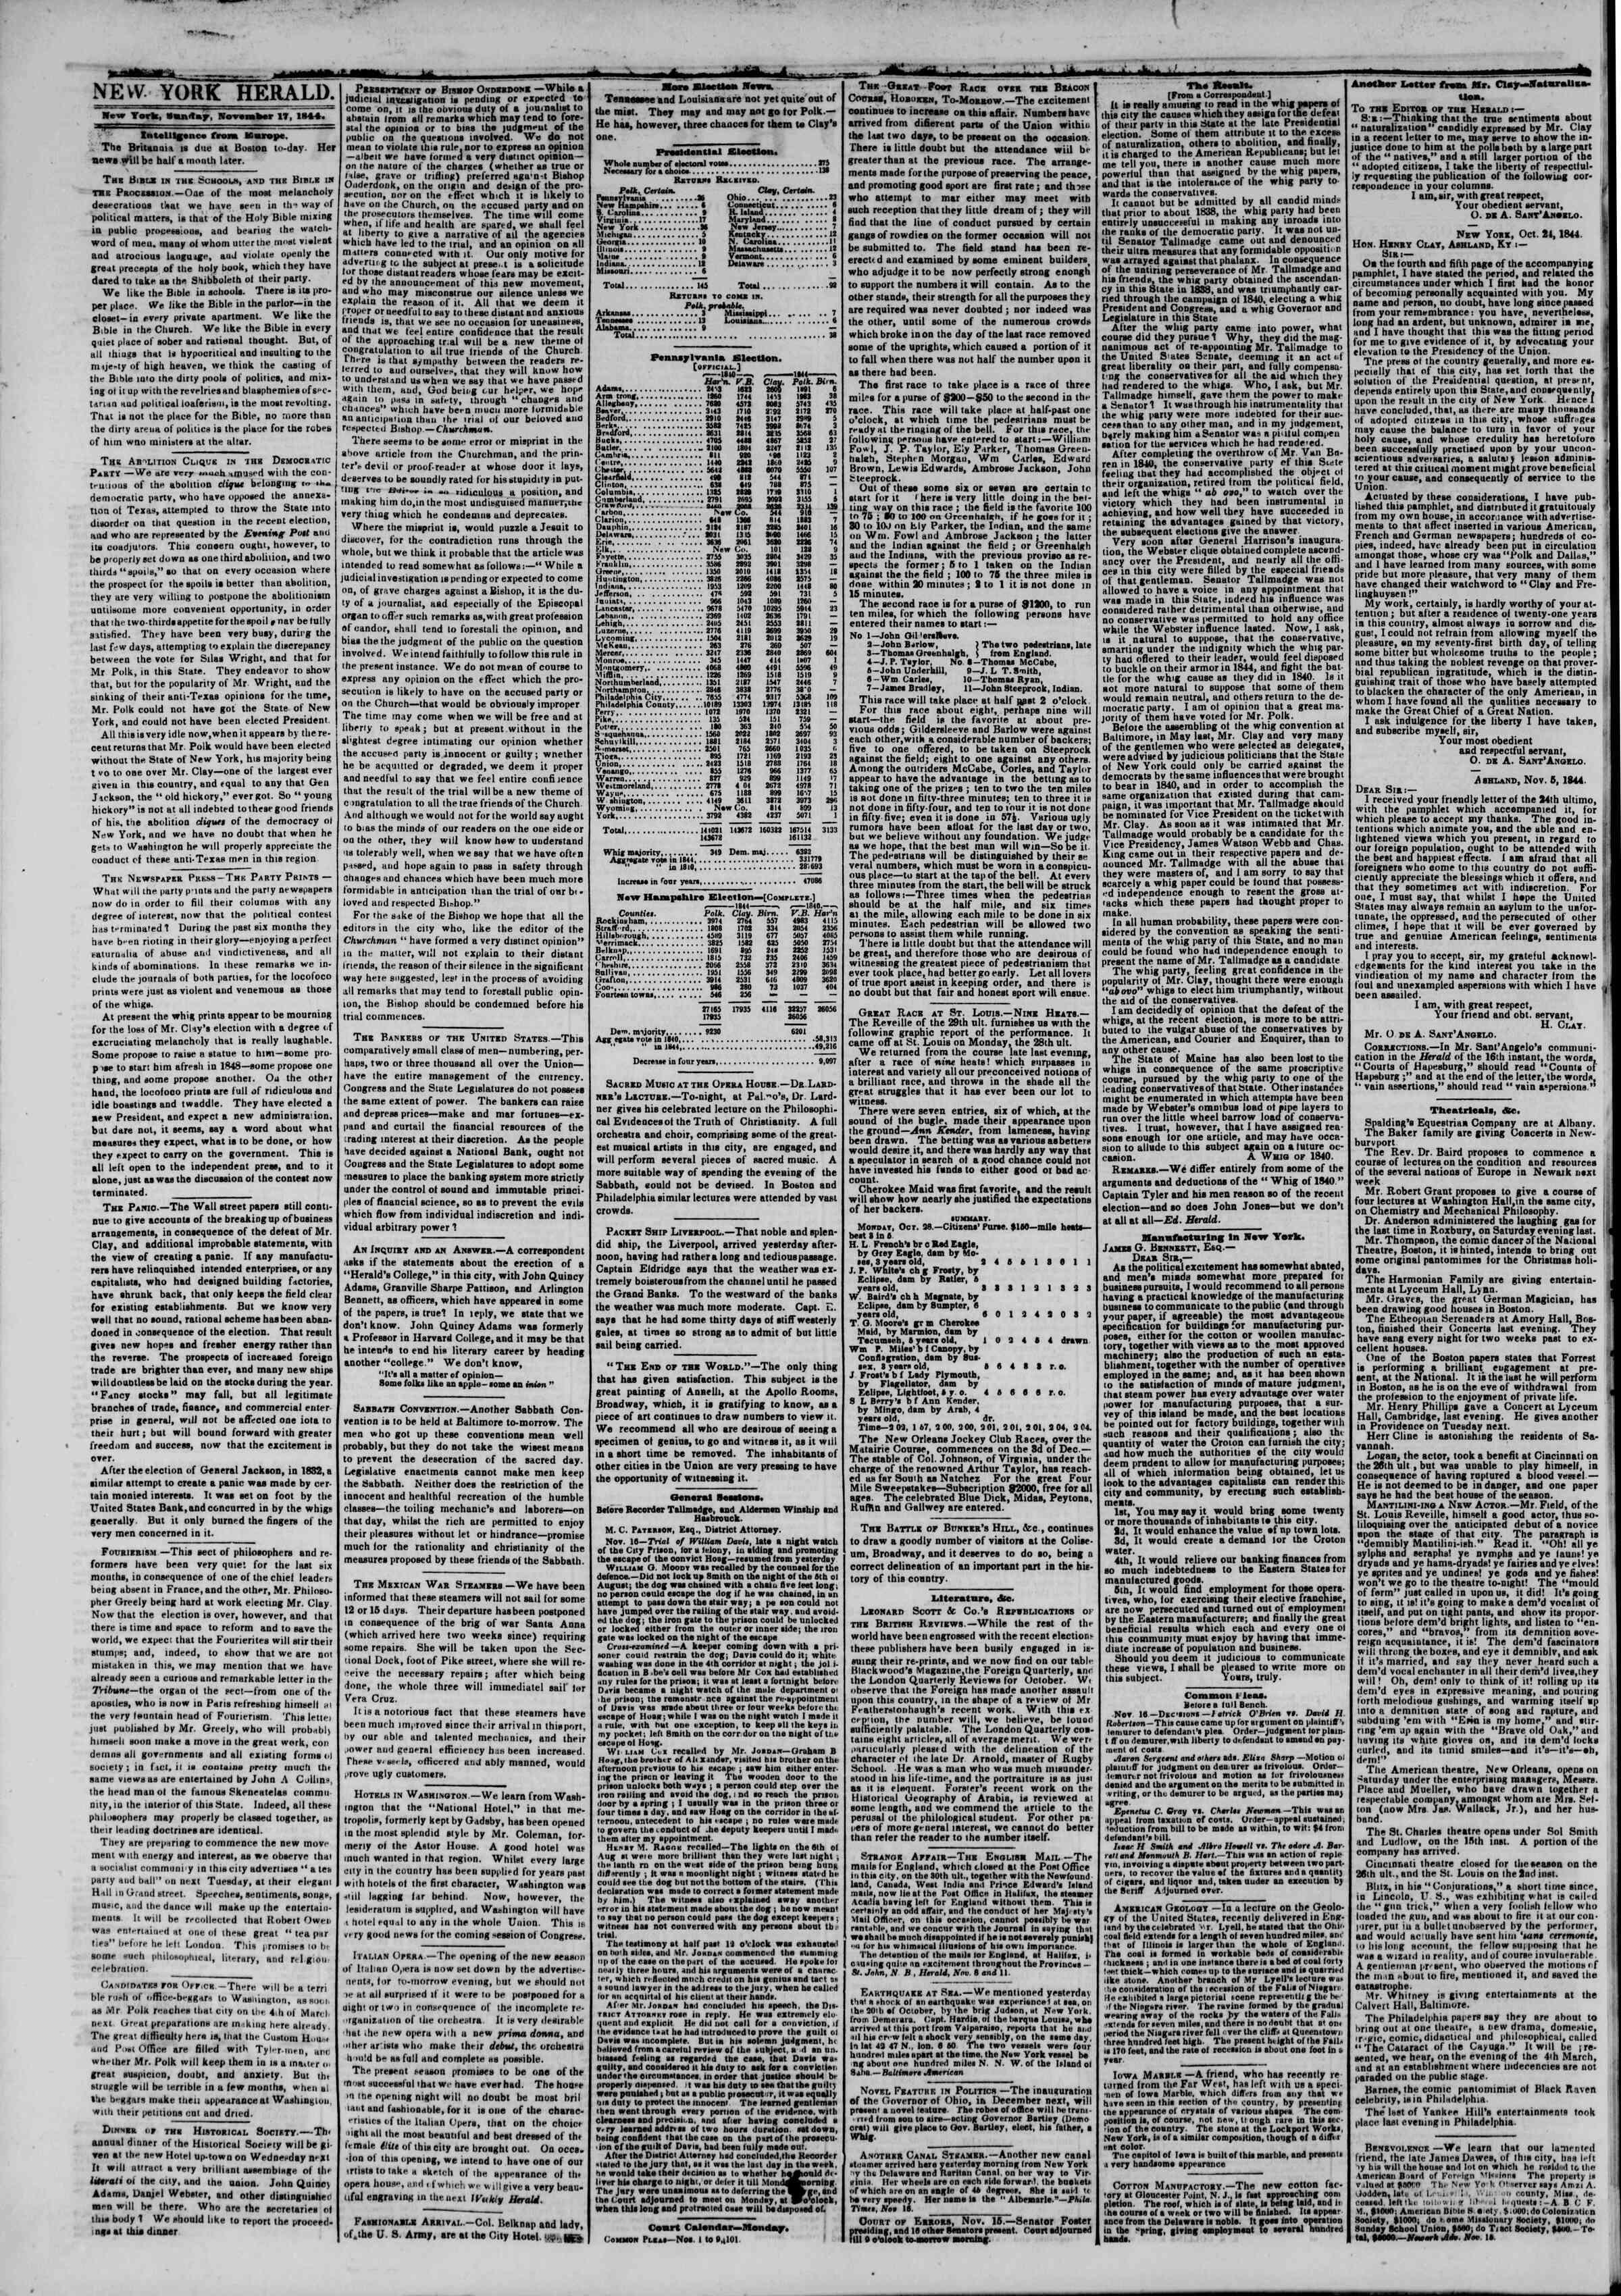 17 Kasım 1844 Tarihli The New York Herald Gazetesi Sayfa 2